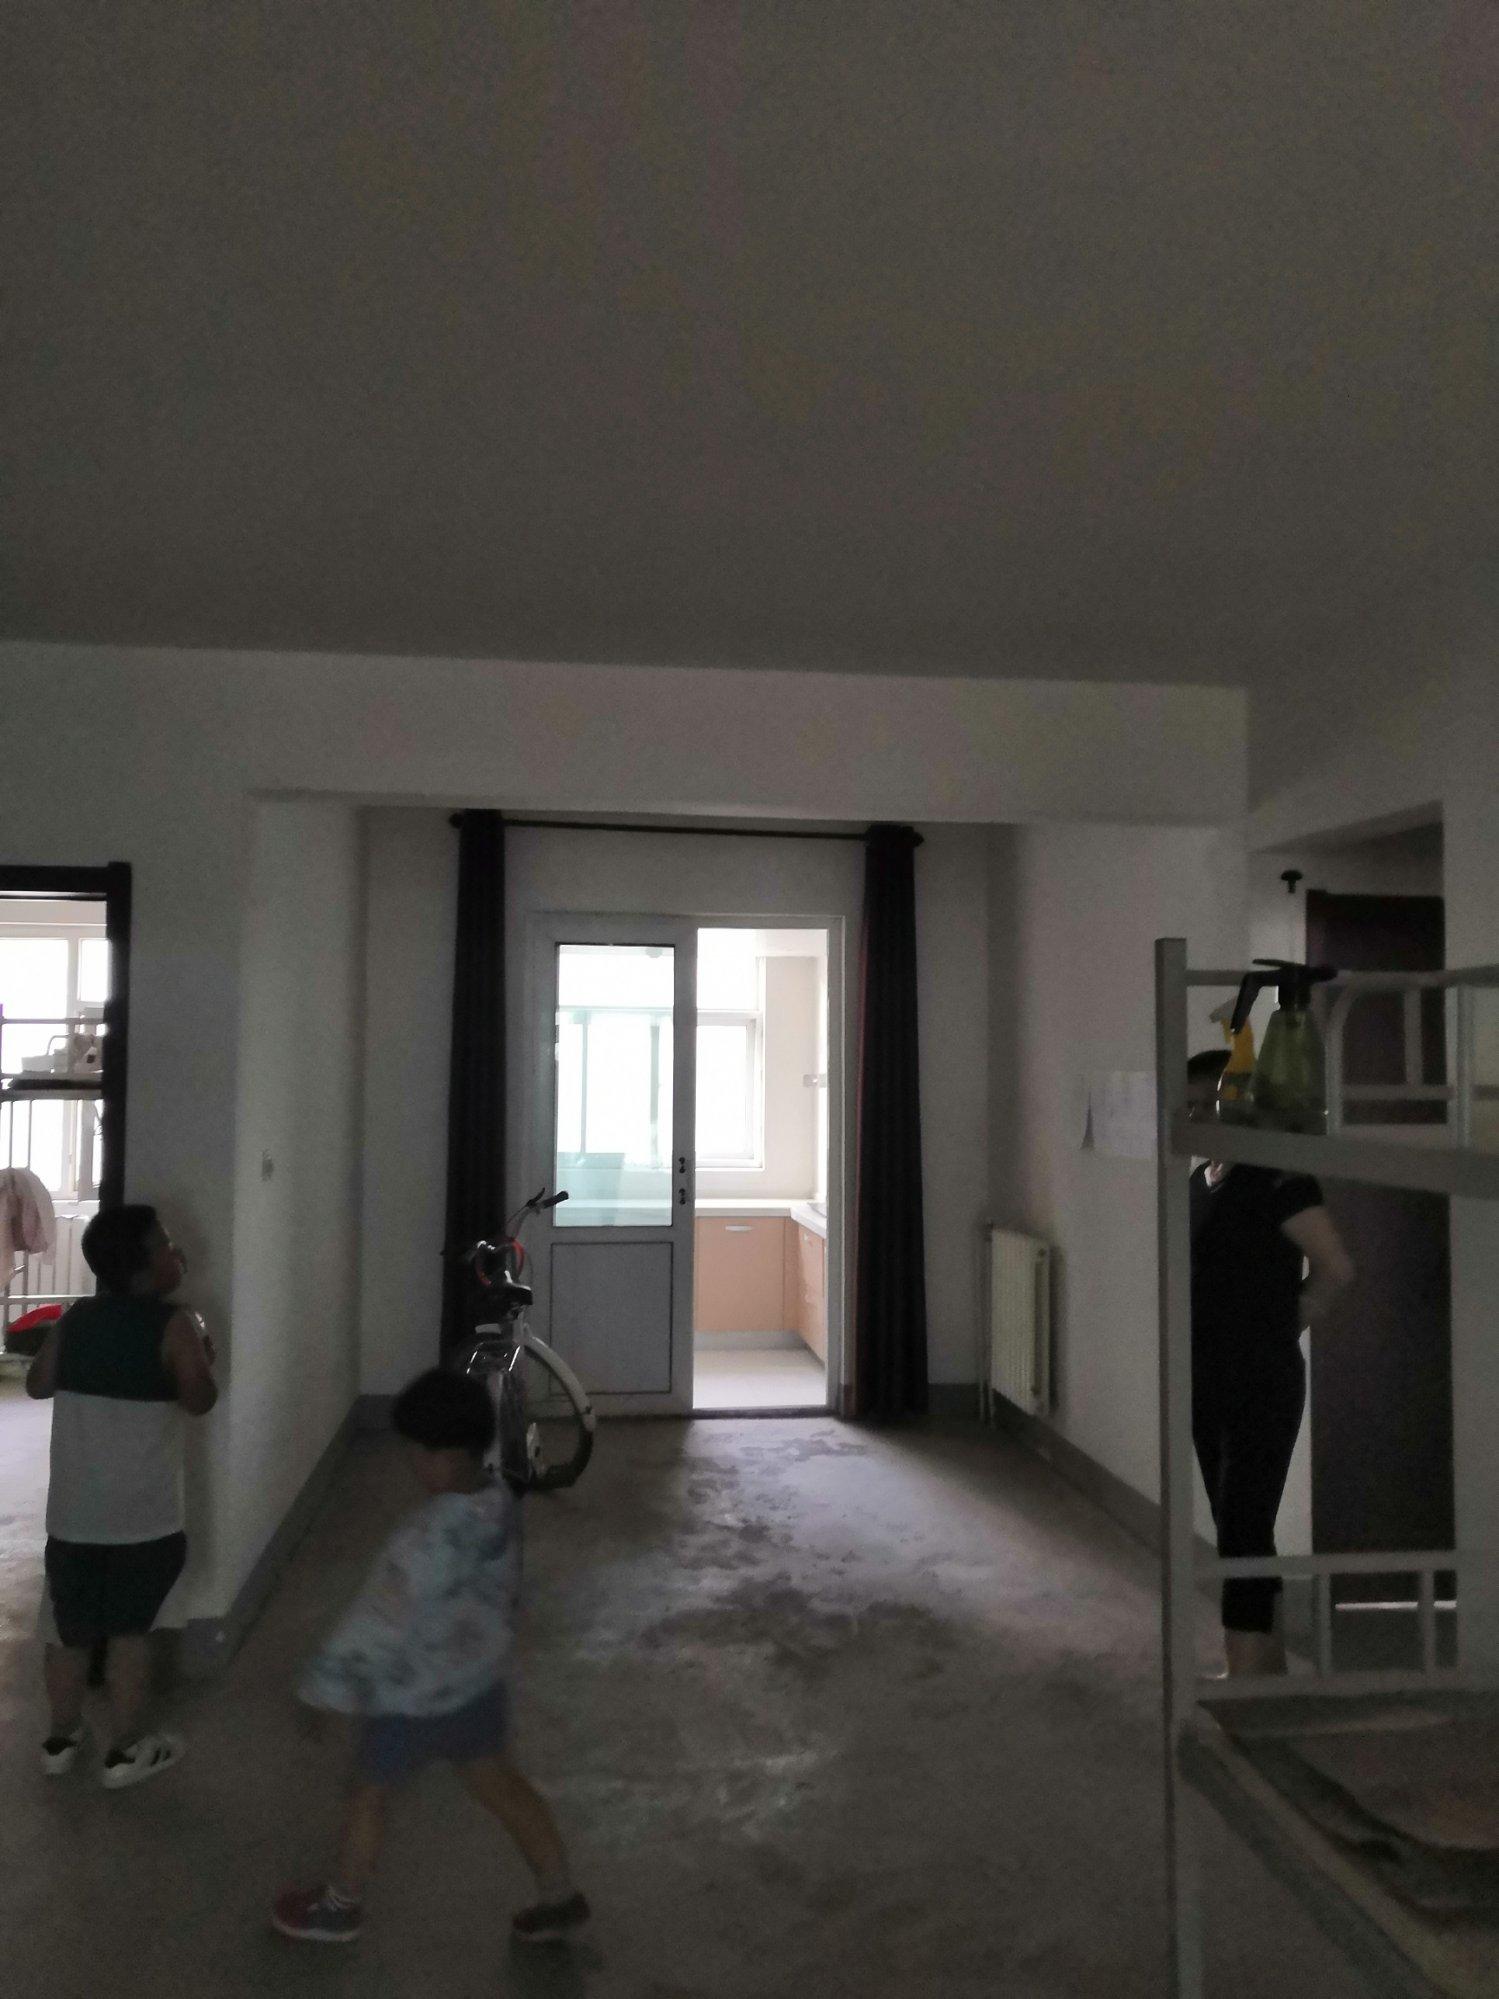 三楼,房间里很暗,怎么装修出明亮效果